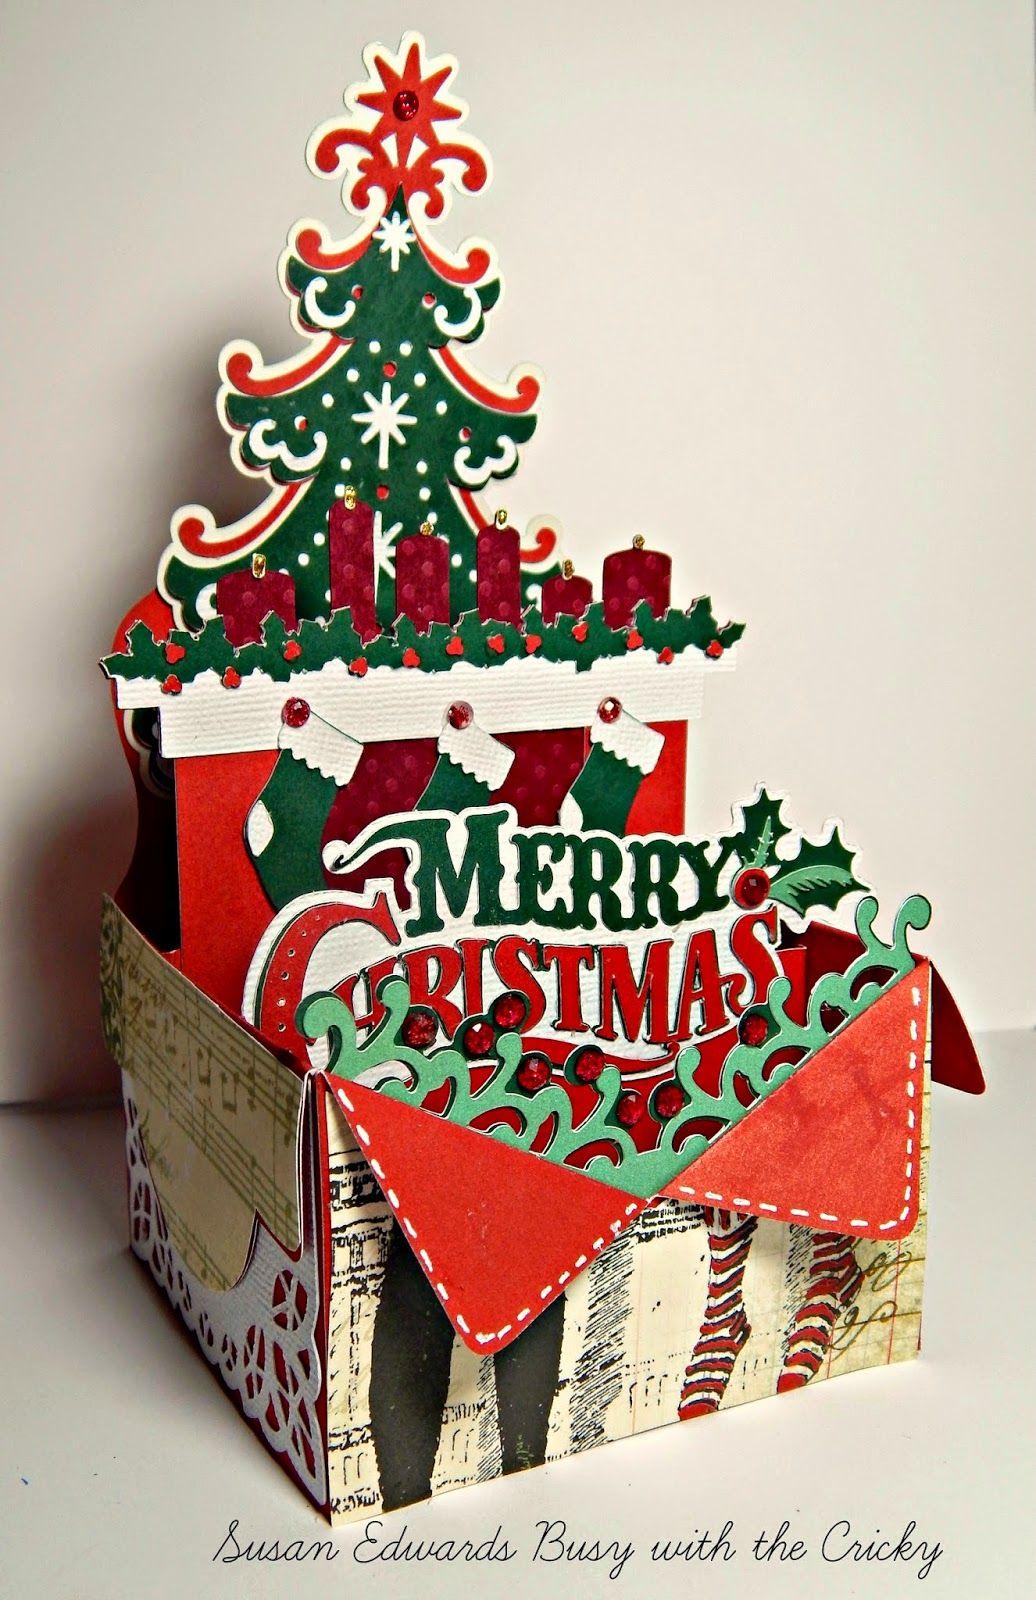 Merry Christmas Festive Box Card Cricut christmas cards